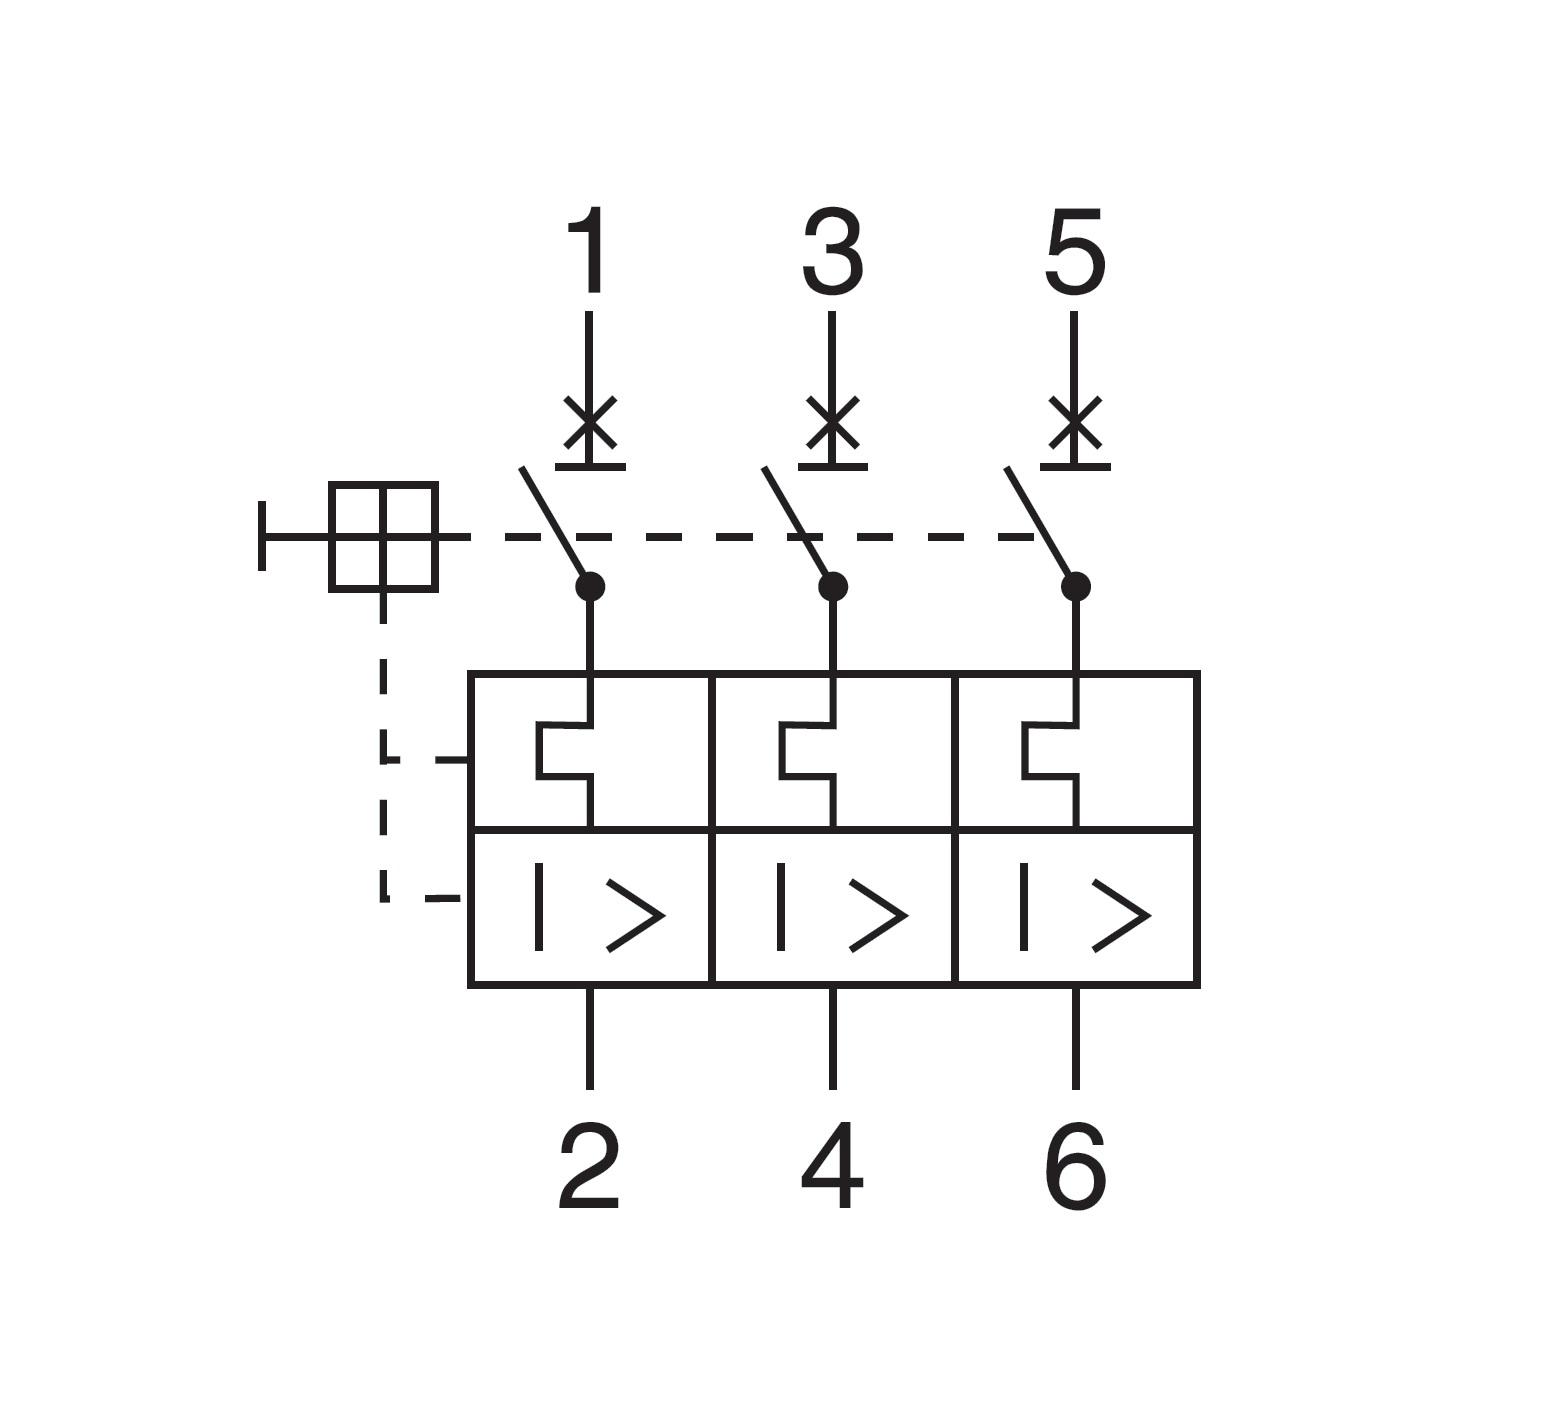 Tolle Lasttrennschalter Symbol Galerie - Elektrische Schaltplan ...